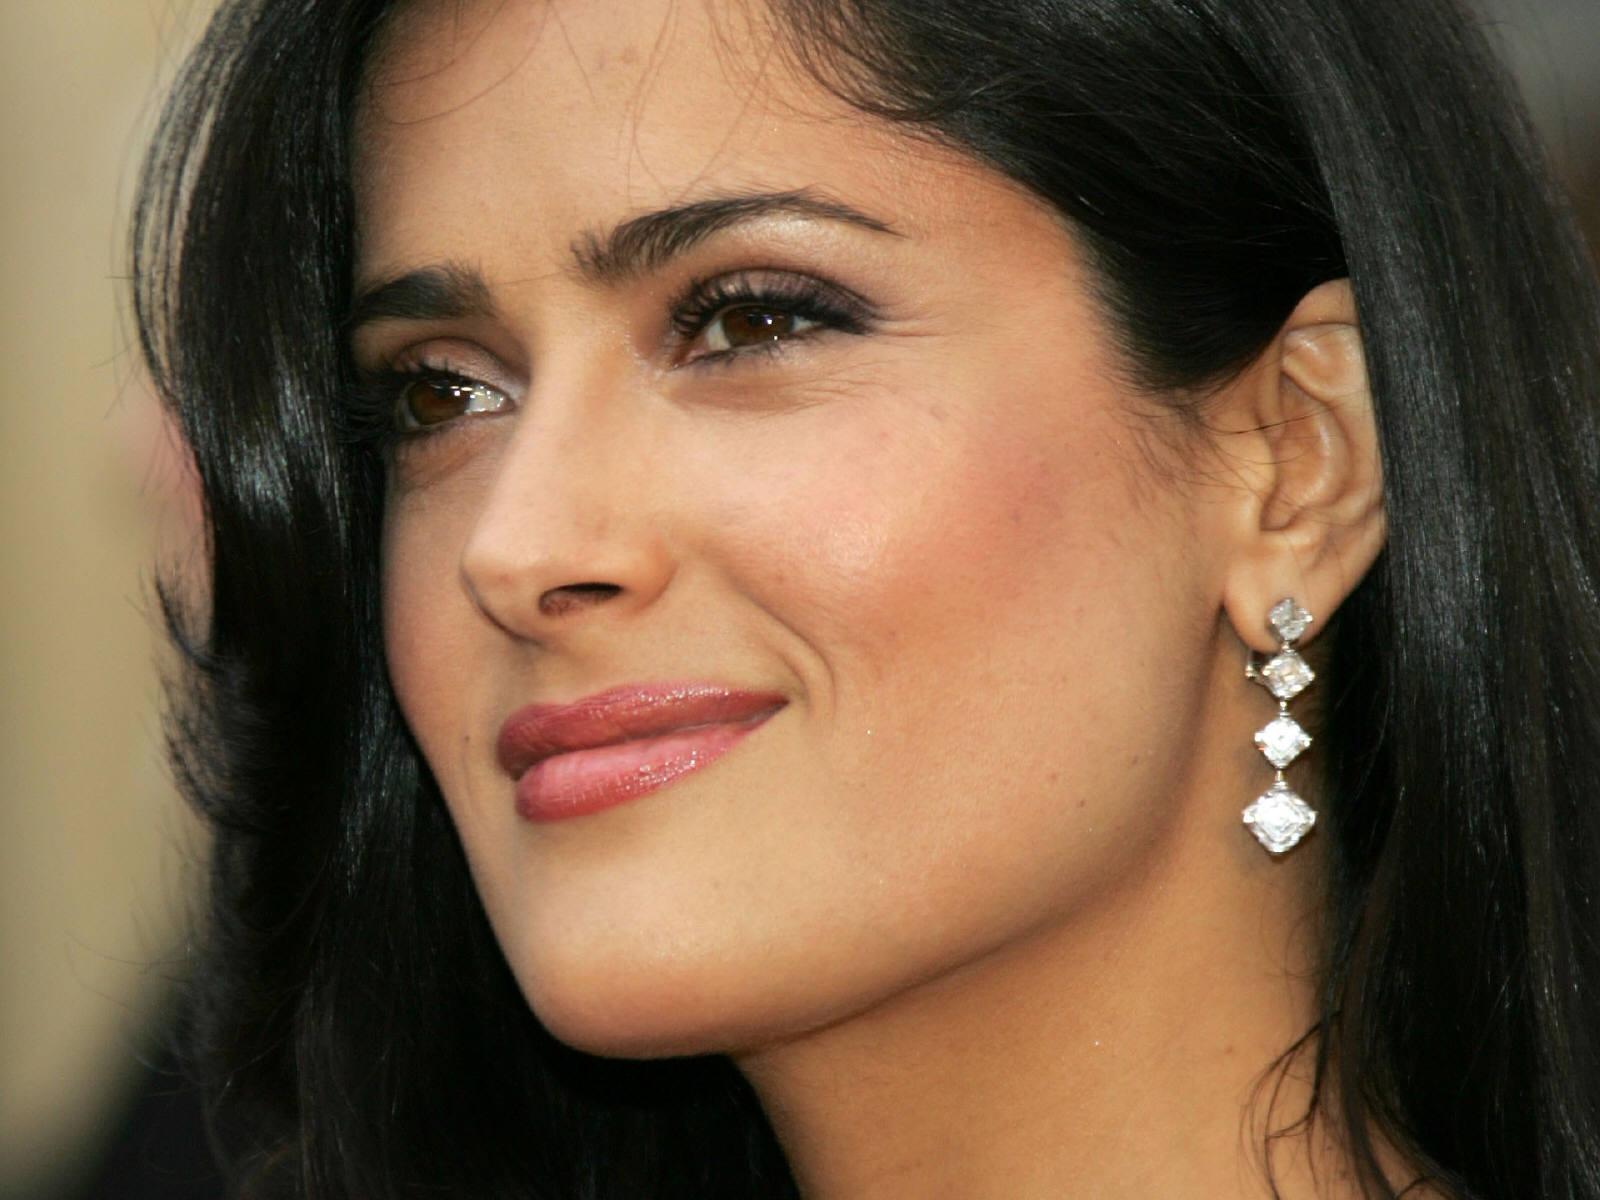 http://4.bp.blogspot.com/-TipmUJ_n1CI/T6UYIscpxfI/AAAAAAAALXk/6mwkq6M0Bn0/s1600/Salma-Hayek-Wallpapers-4.jpg